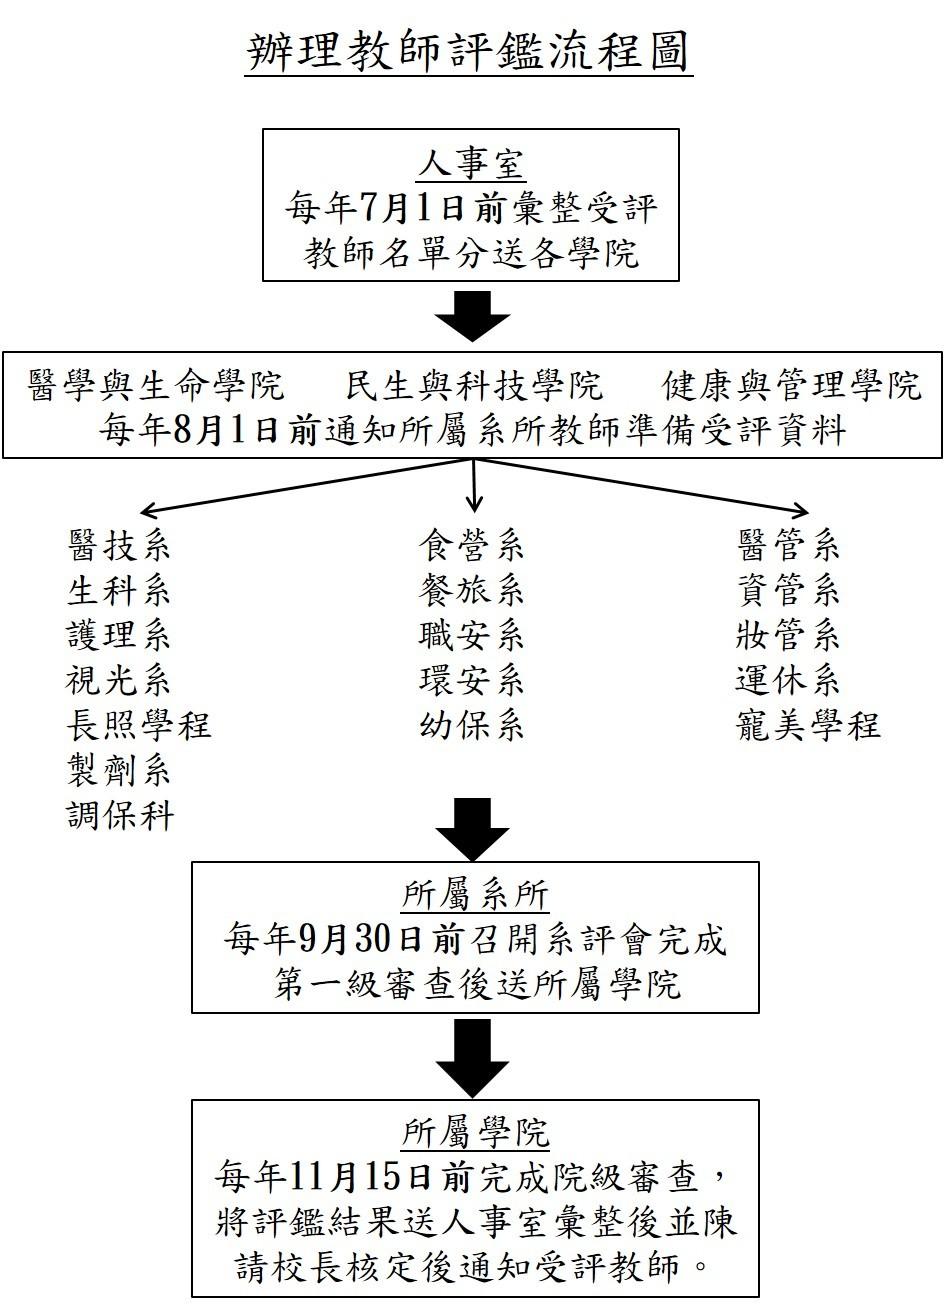 辦理教師評鑑流程圖.jpg